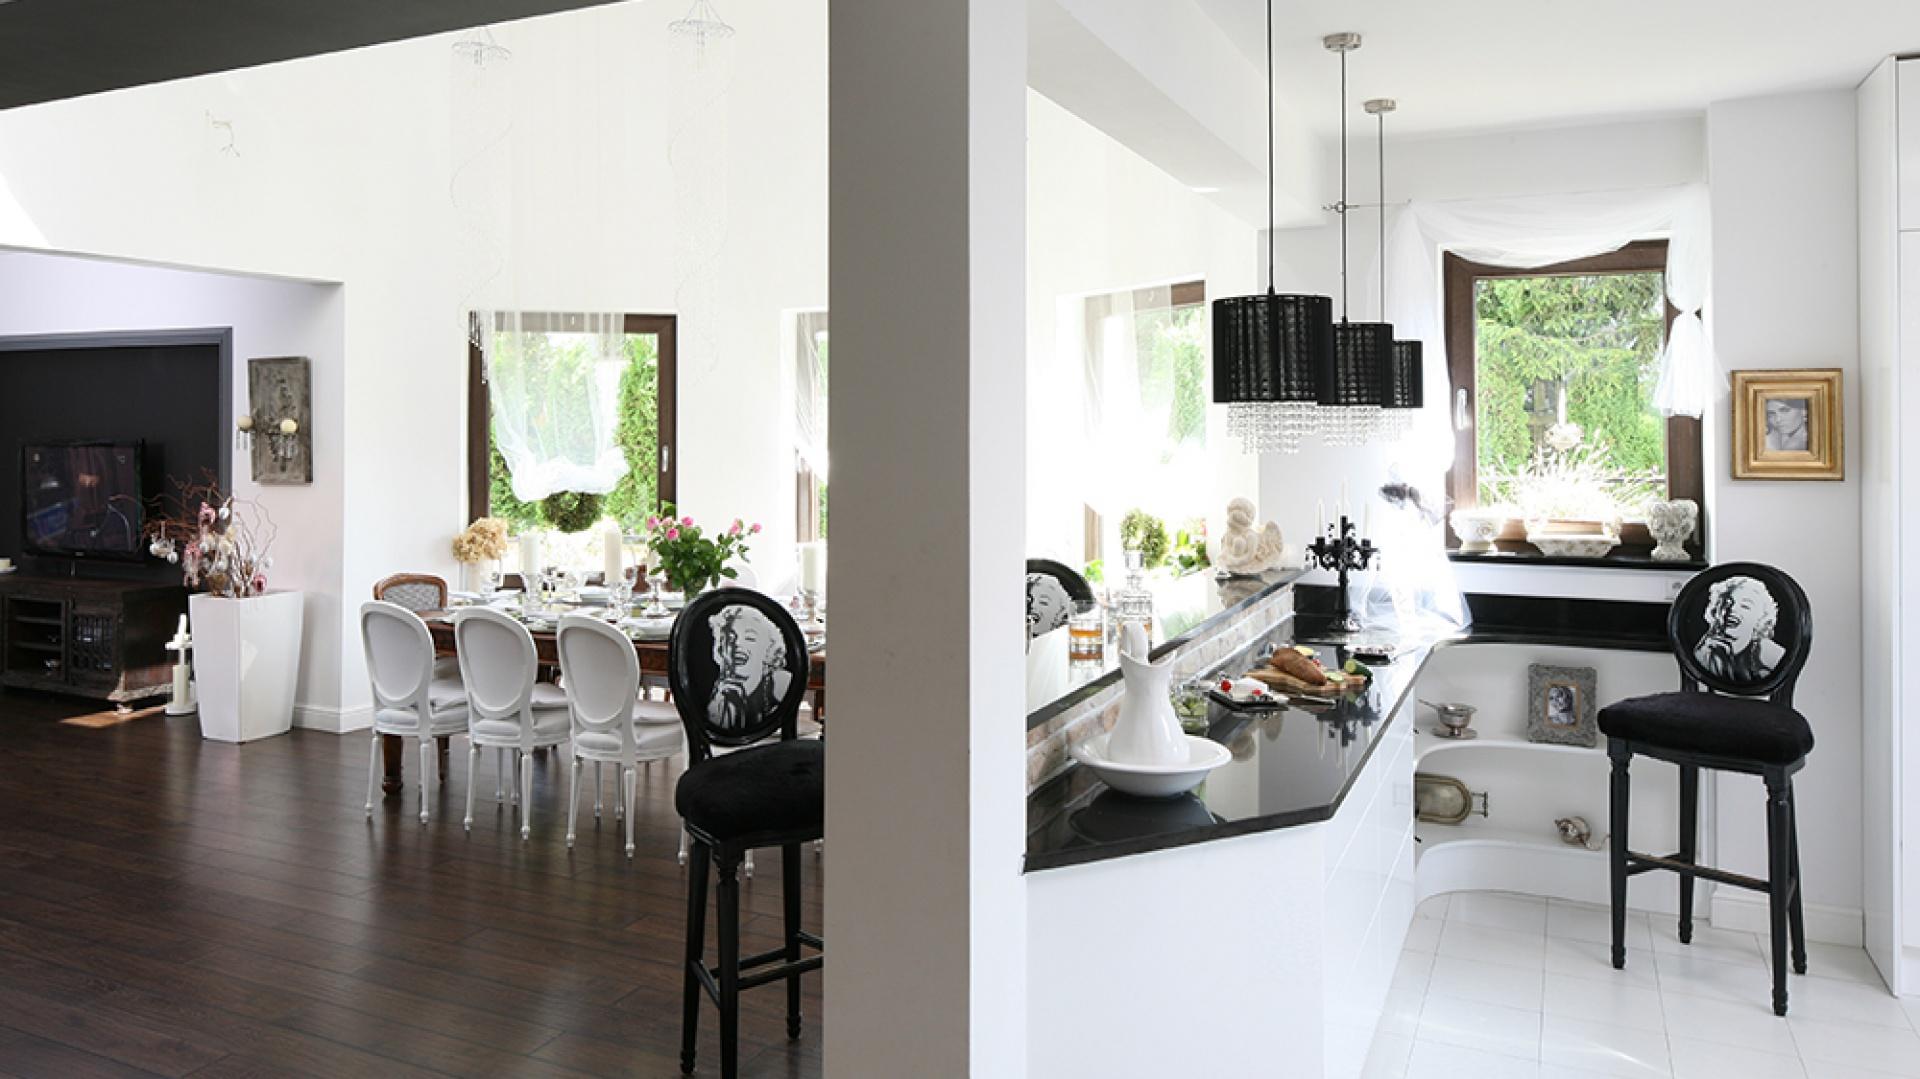 Od strony kuchni strefa barowa zmienia charakter na bufetowo-kredensową. Pod blatem są szuflady na akcesoria stołowe. Fotosy Marilyn Monroe na hokerach kreują lekką, niezobowiązującą atmosferę. Fot. Bartosz Jarosz.